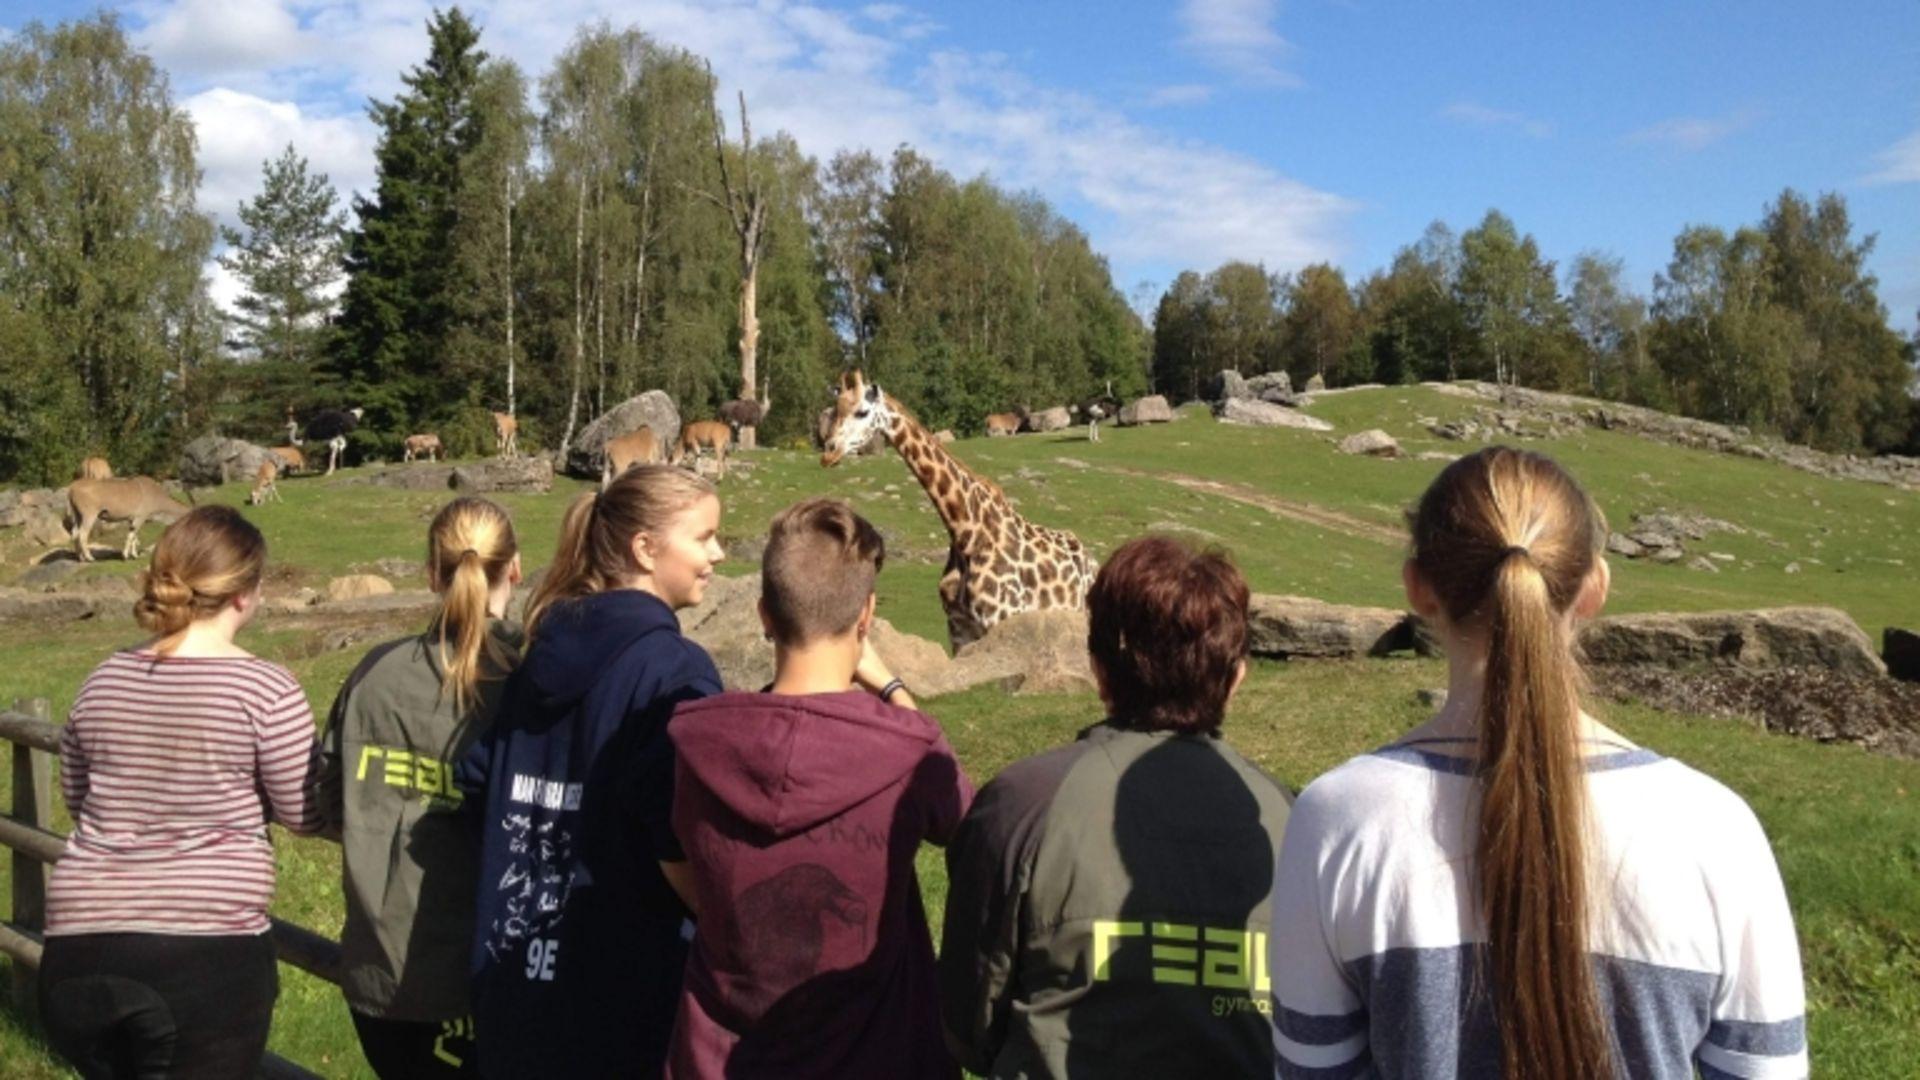 Realgymnasiet startar djurparksutbildning i framkant